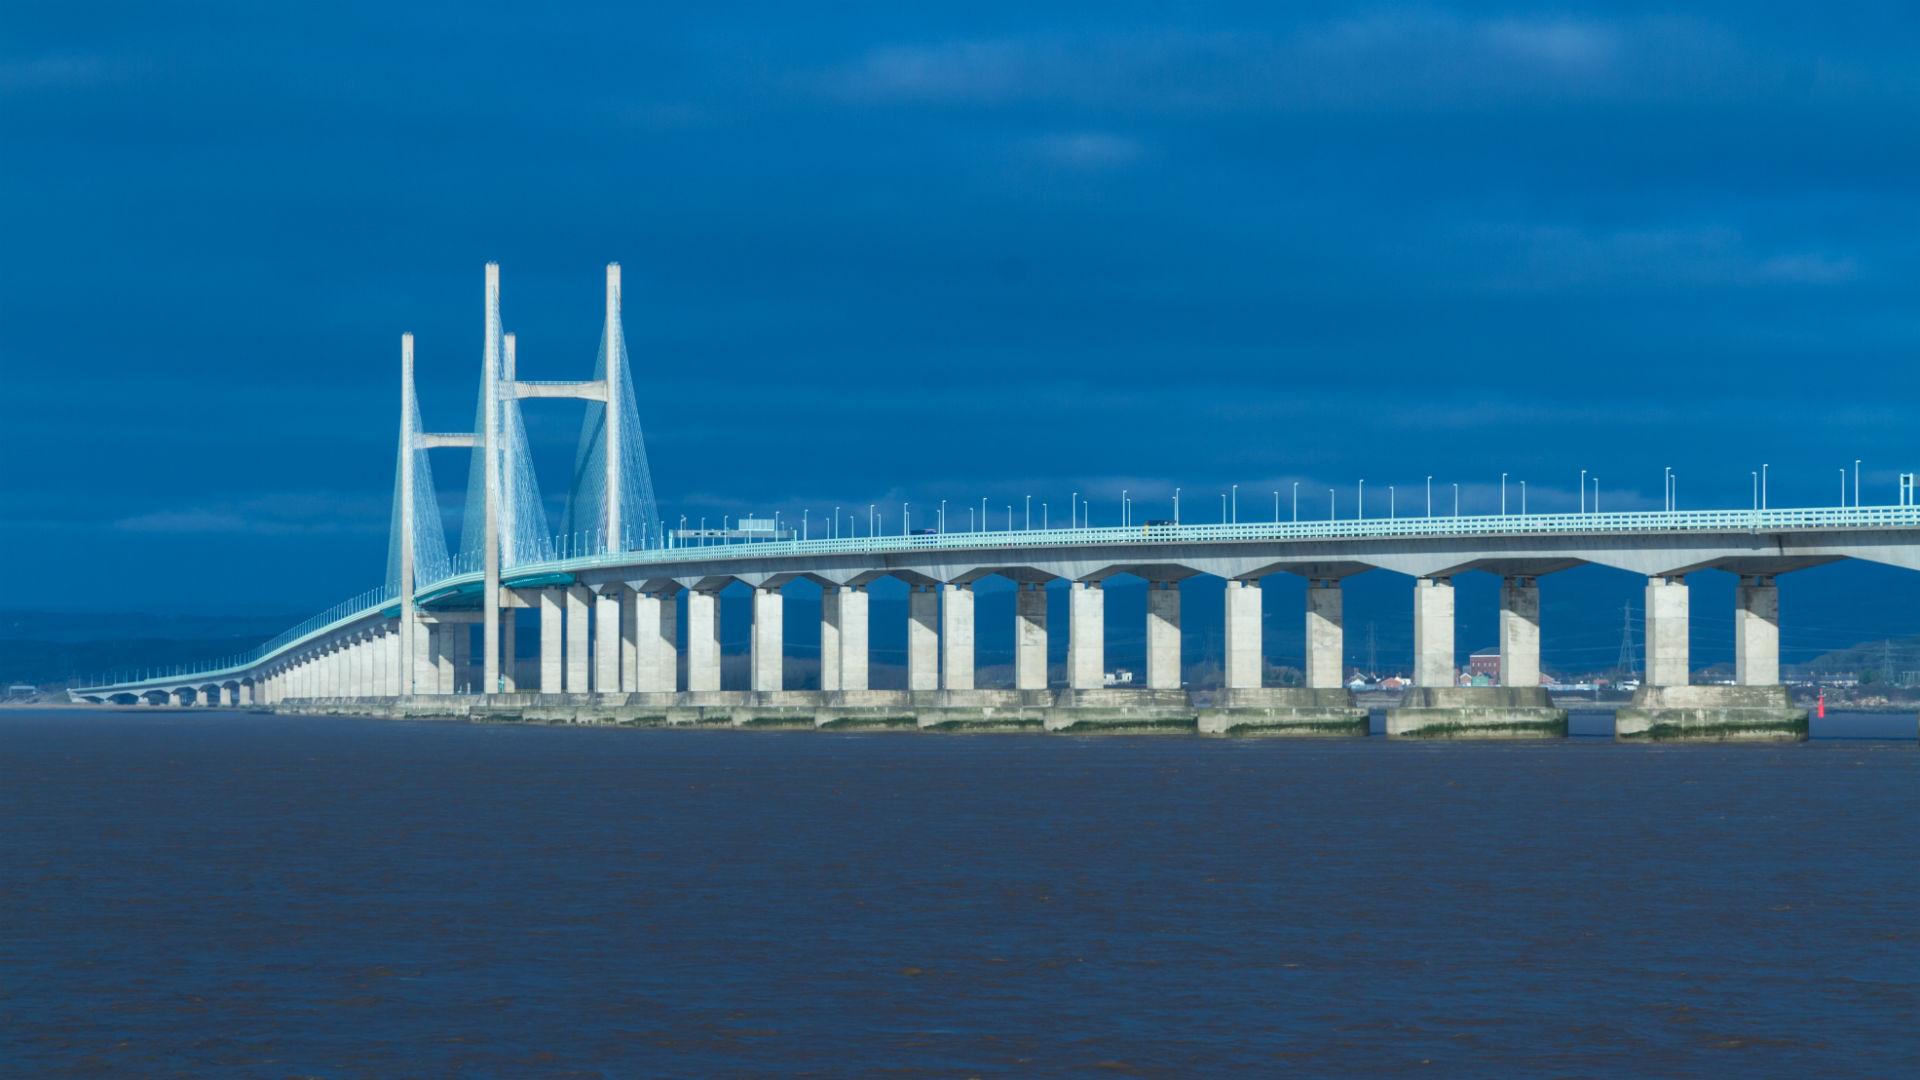 Severn Crossing Prince of Wales Bridge